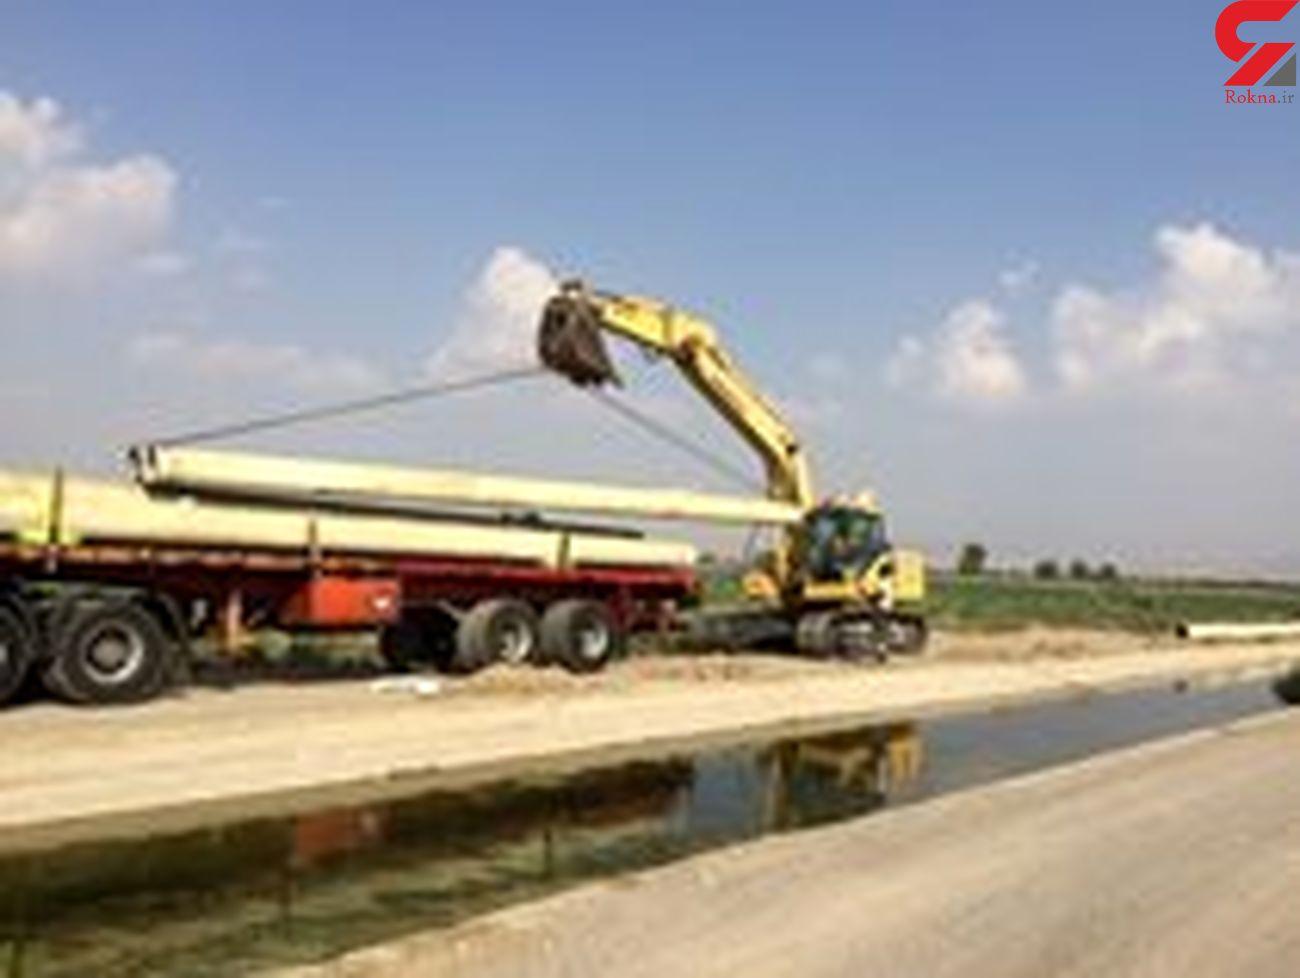 اجرای 3 پروژه بهسازی شبکههای آبیاری و زهکشی در هرمزگان